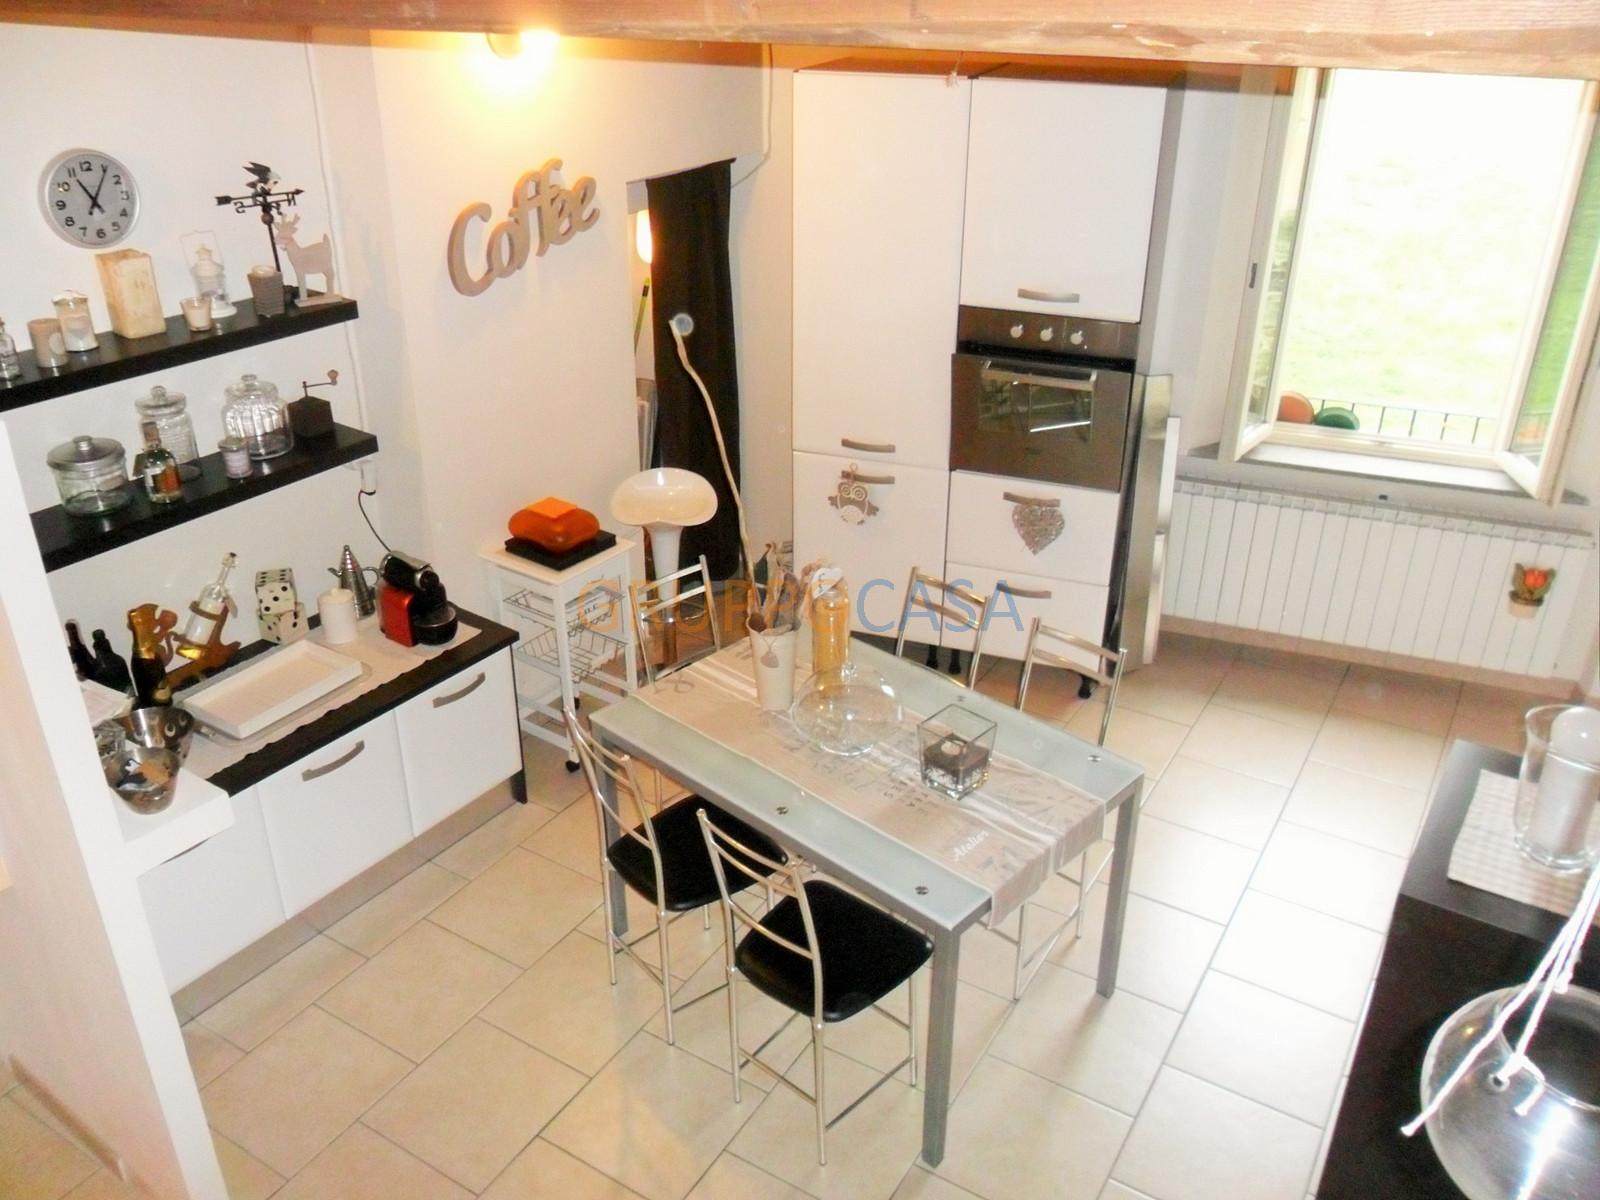 Appartamento in vendita a Buggiano, 6 locali, zona Località: BorgoaBuggiano, prezzo € 169.000 | CambioCasa.it